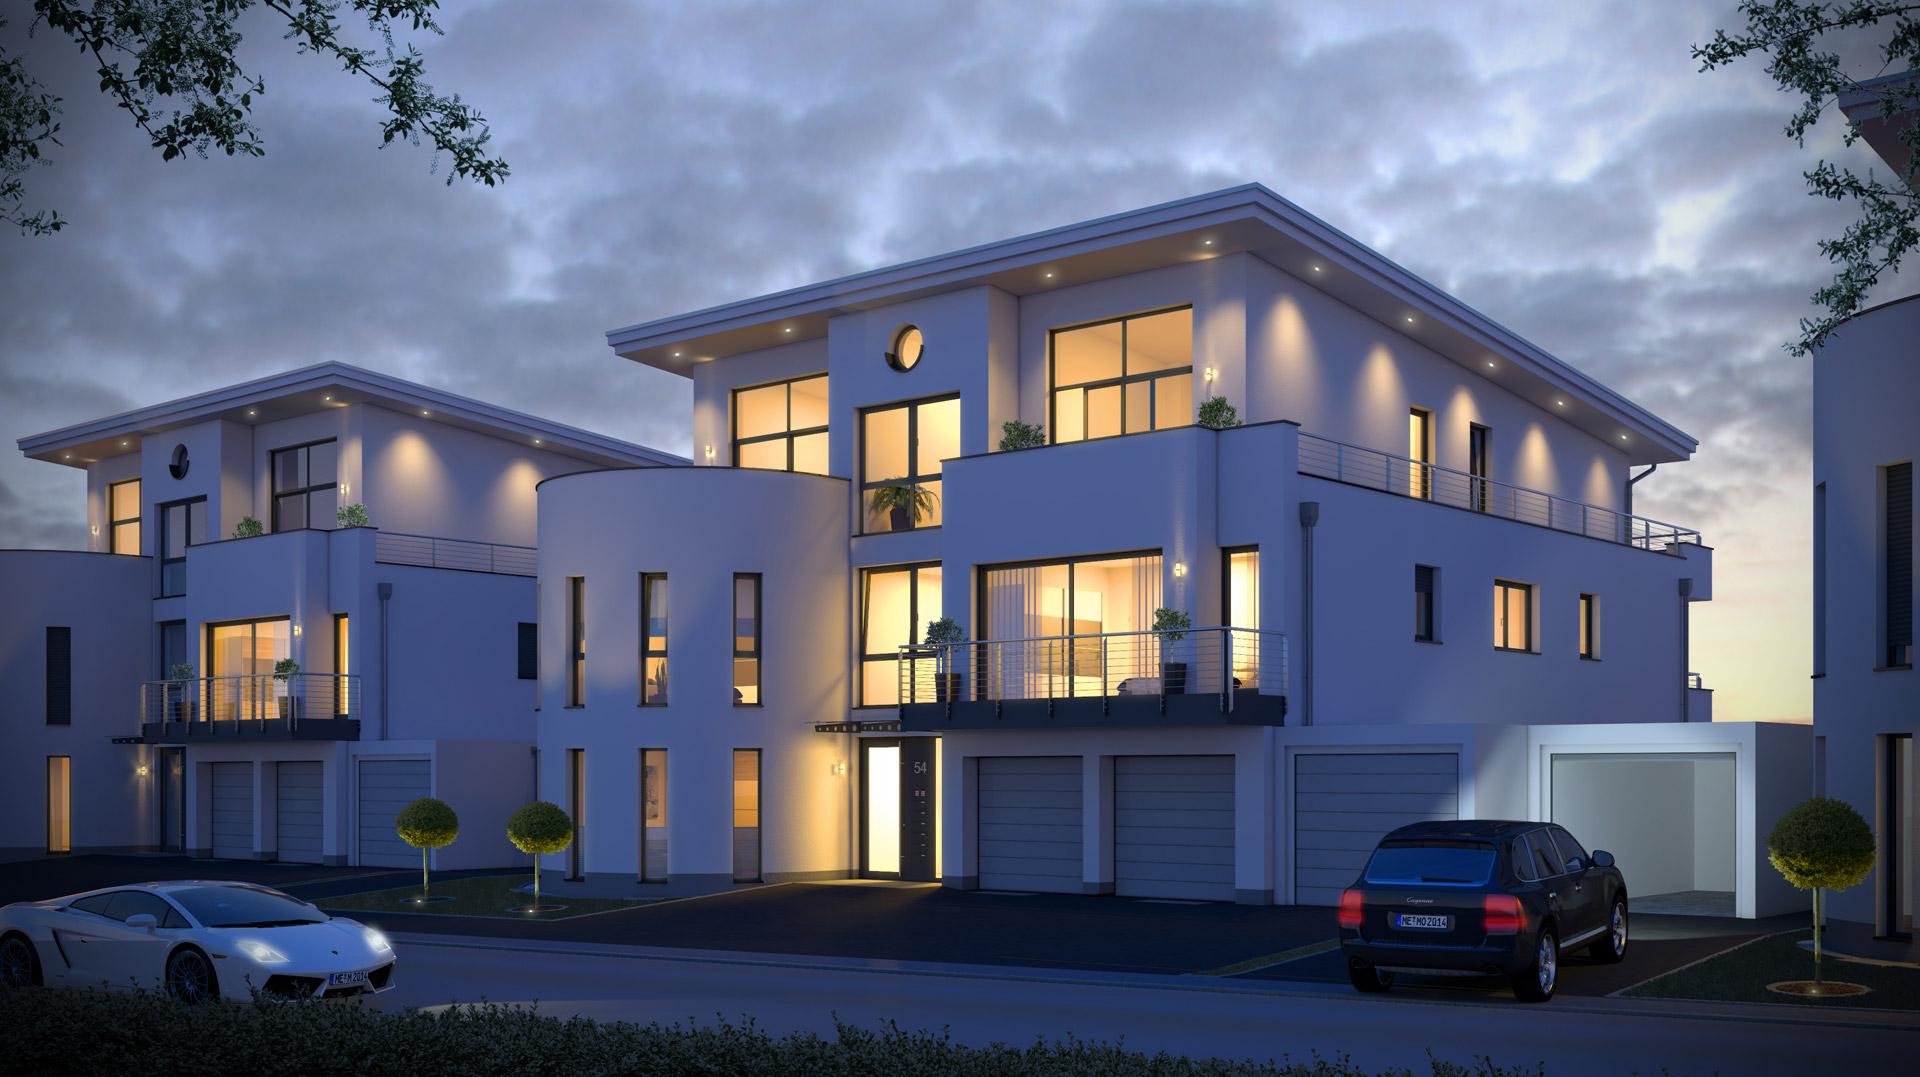 Architektur 001